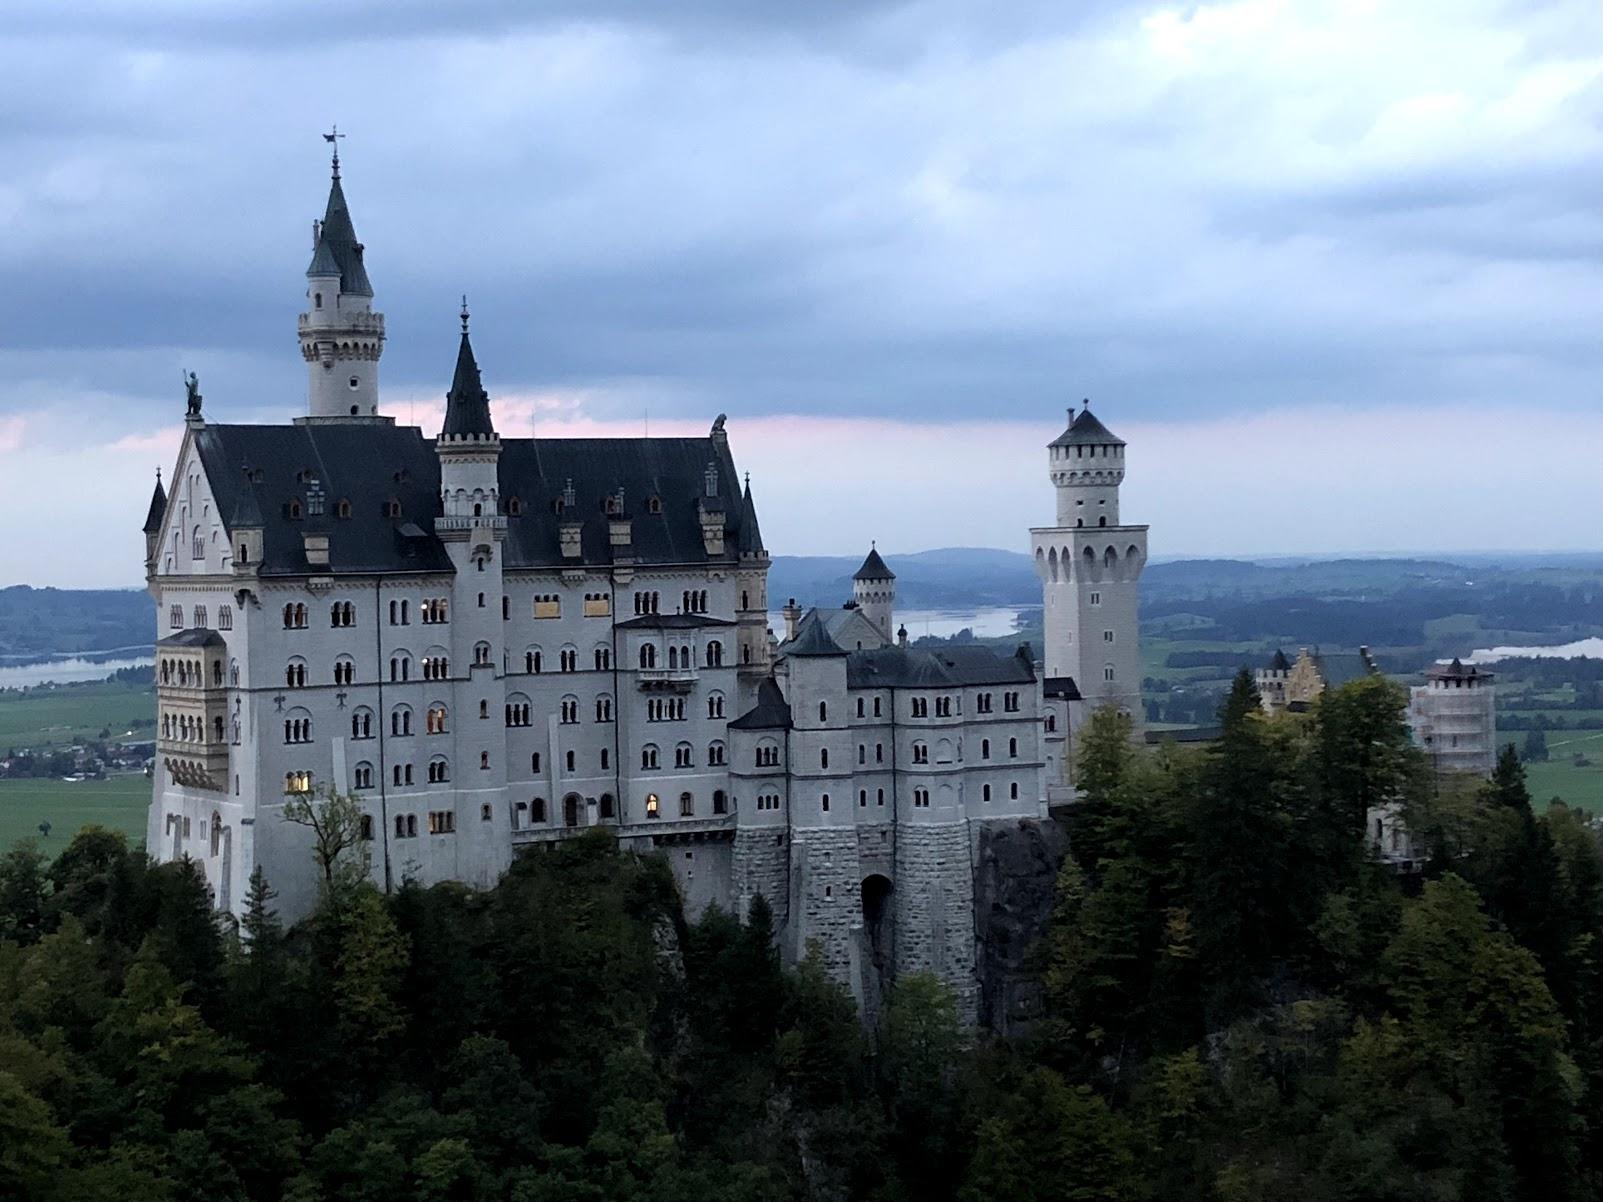 The castle that inspired Disney's Cinderella Castle - Neuschwanstein Castle